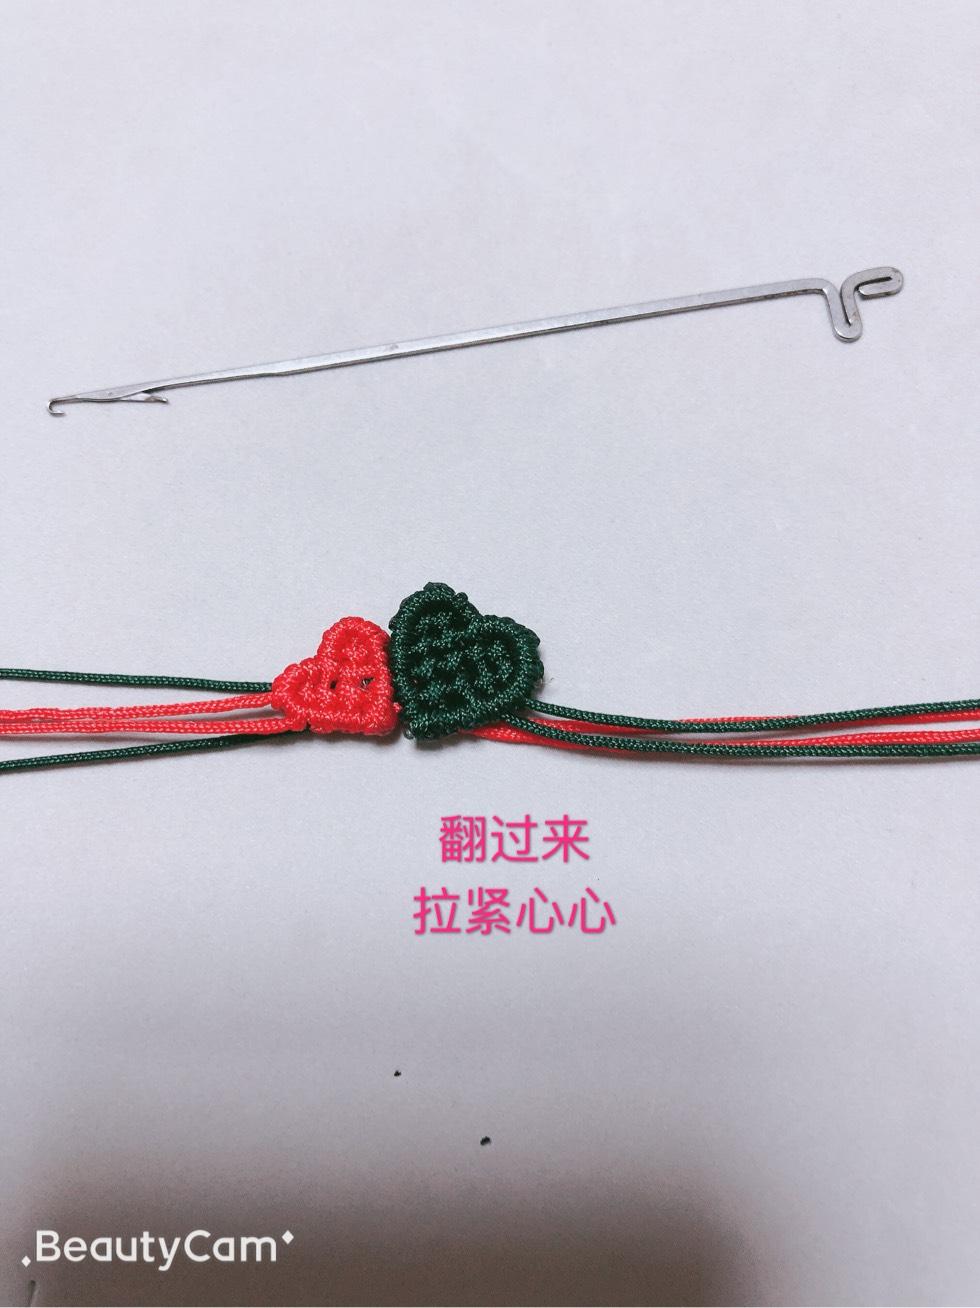 中国结论坛 心心相印手链(知否知否,应是绿肥红瘦)  图文教程区 091018vy4afpkup34k4f4q